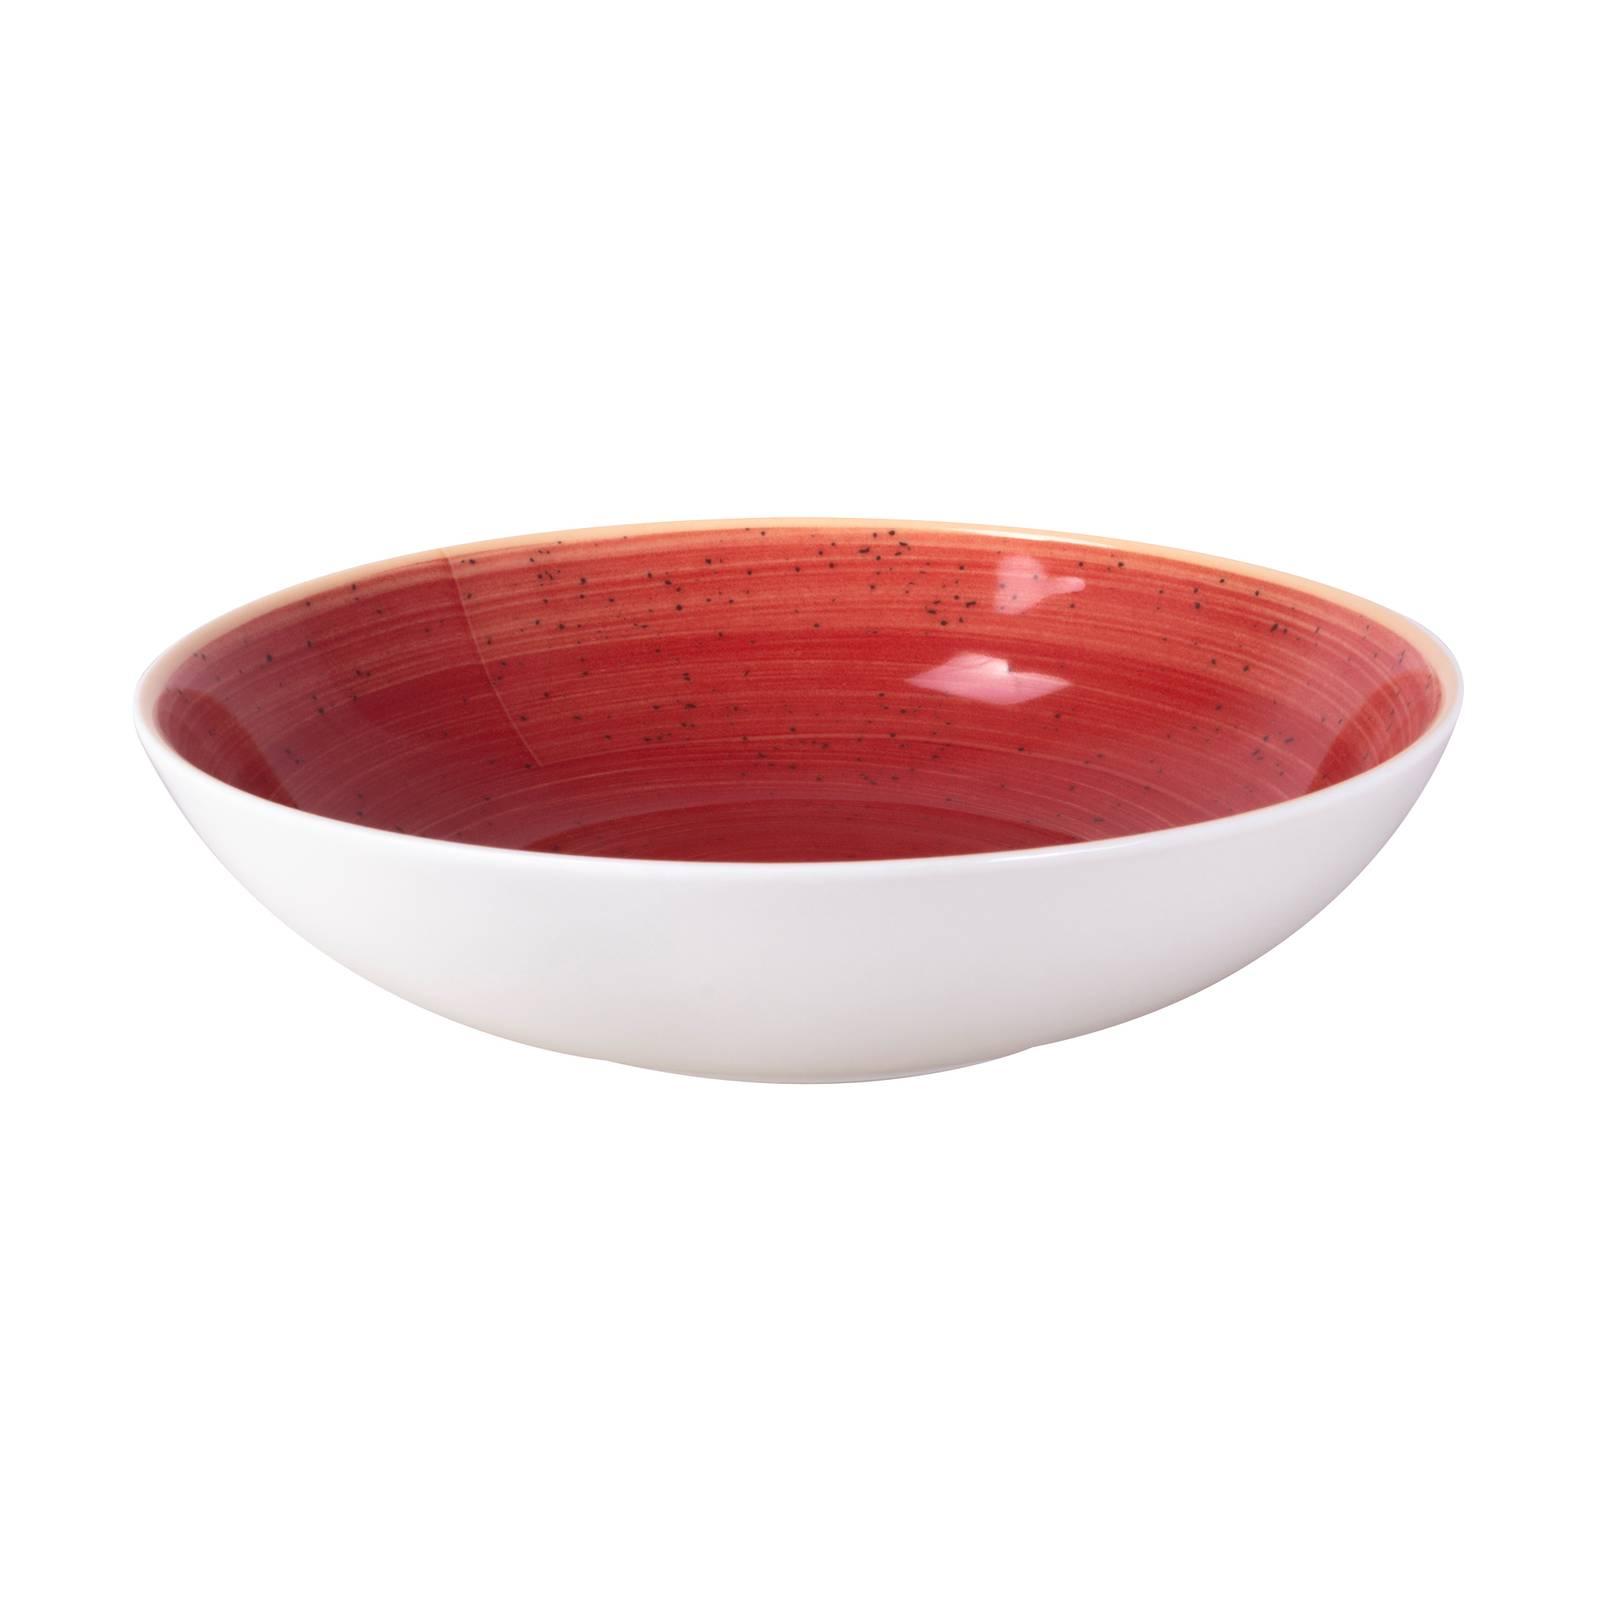 Porcelánový hluboký talíř Terra Red Coupe 21 cm ARIANE